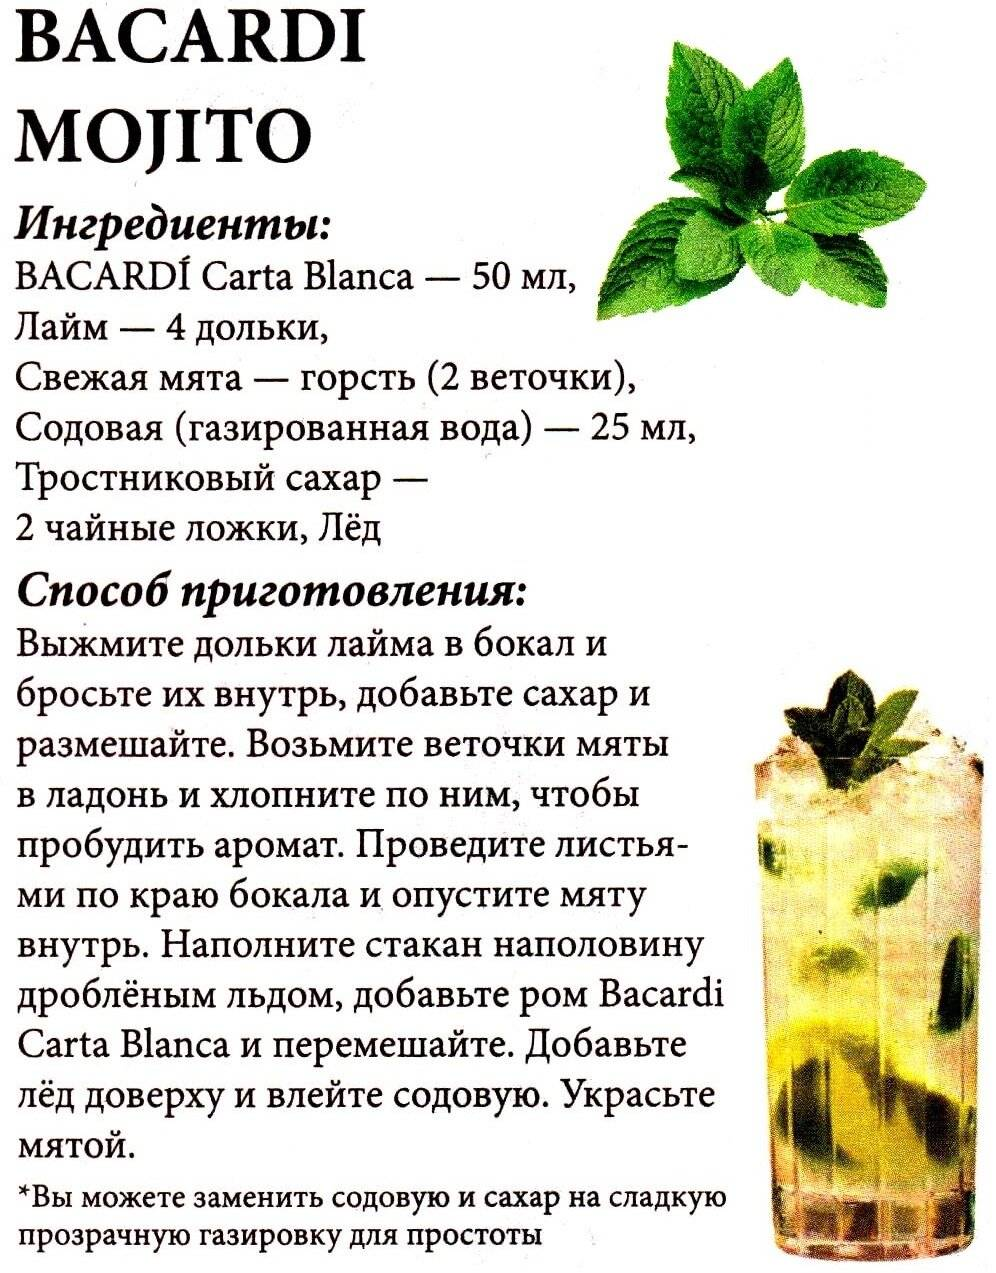 Алкогольный мохито в домашних условиях: 7 рецептов приготовления